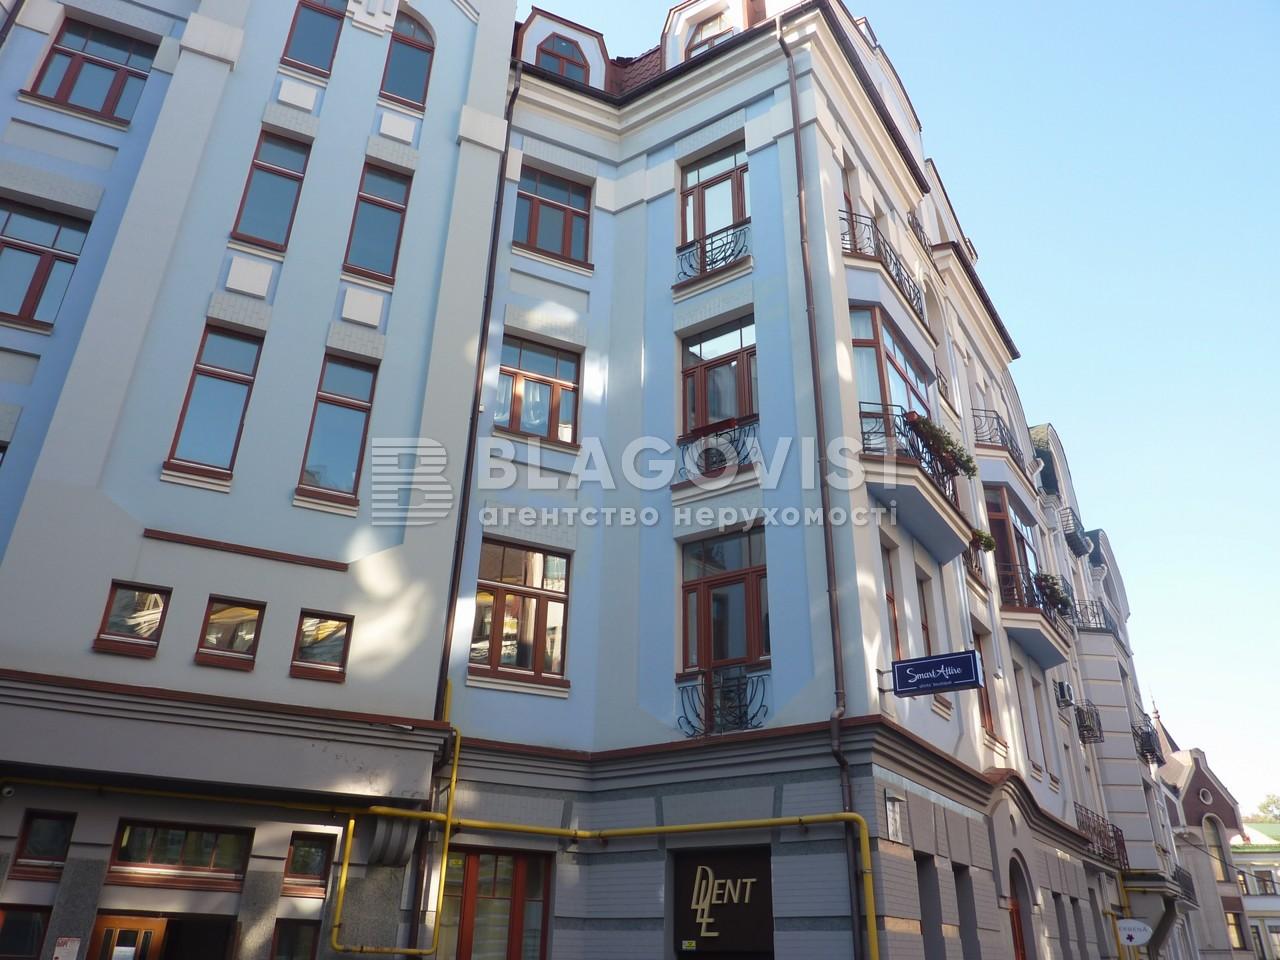 Квартира C-108891, Воздвиженская, 48, Киев - Фото 2